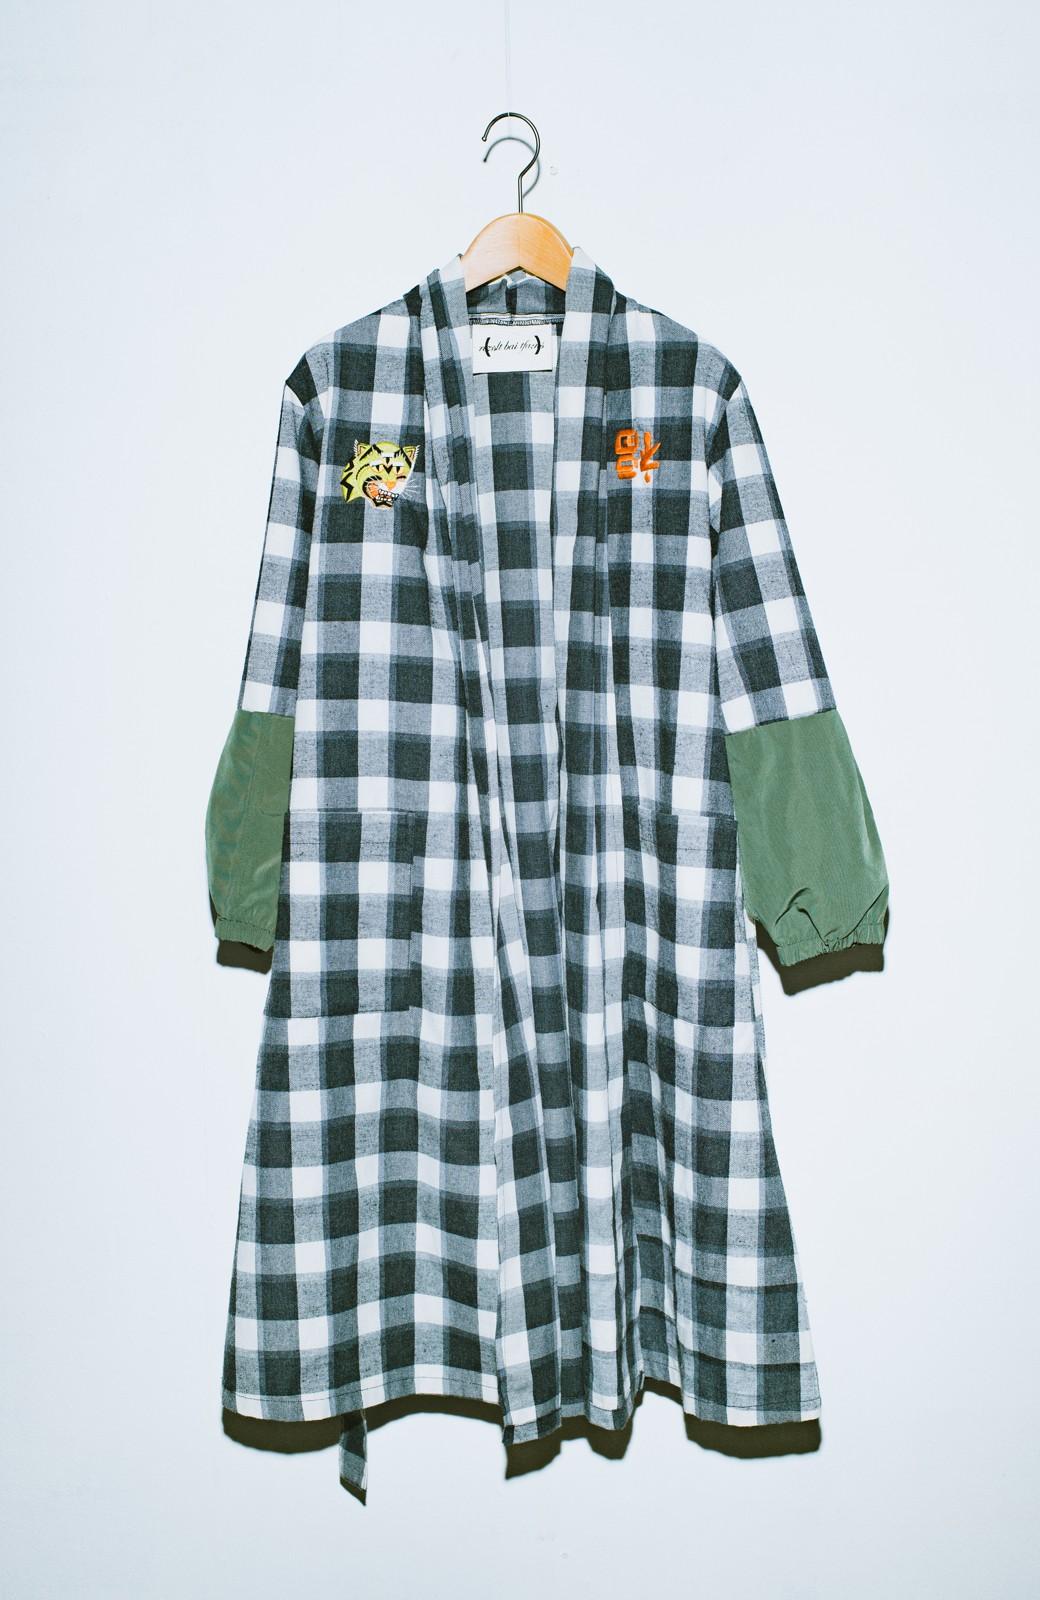 haco! haco! × RBTXCO 三つ目の虎福 刺繍入りチェックガウンコート  <ブラック系その他>の商品写真3